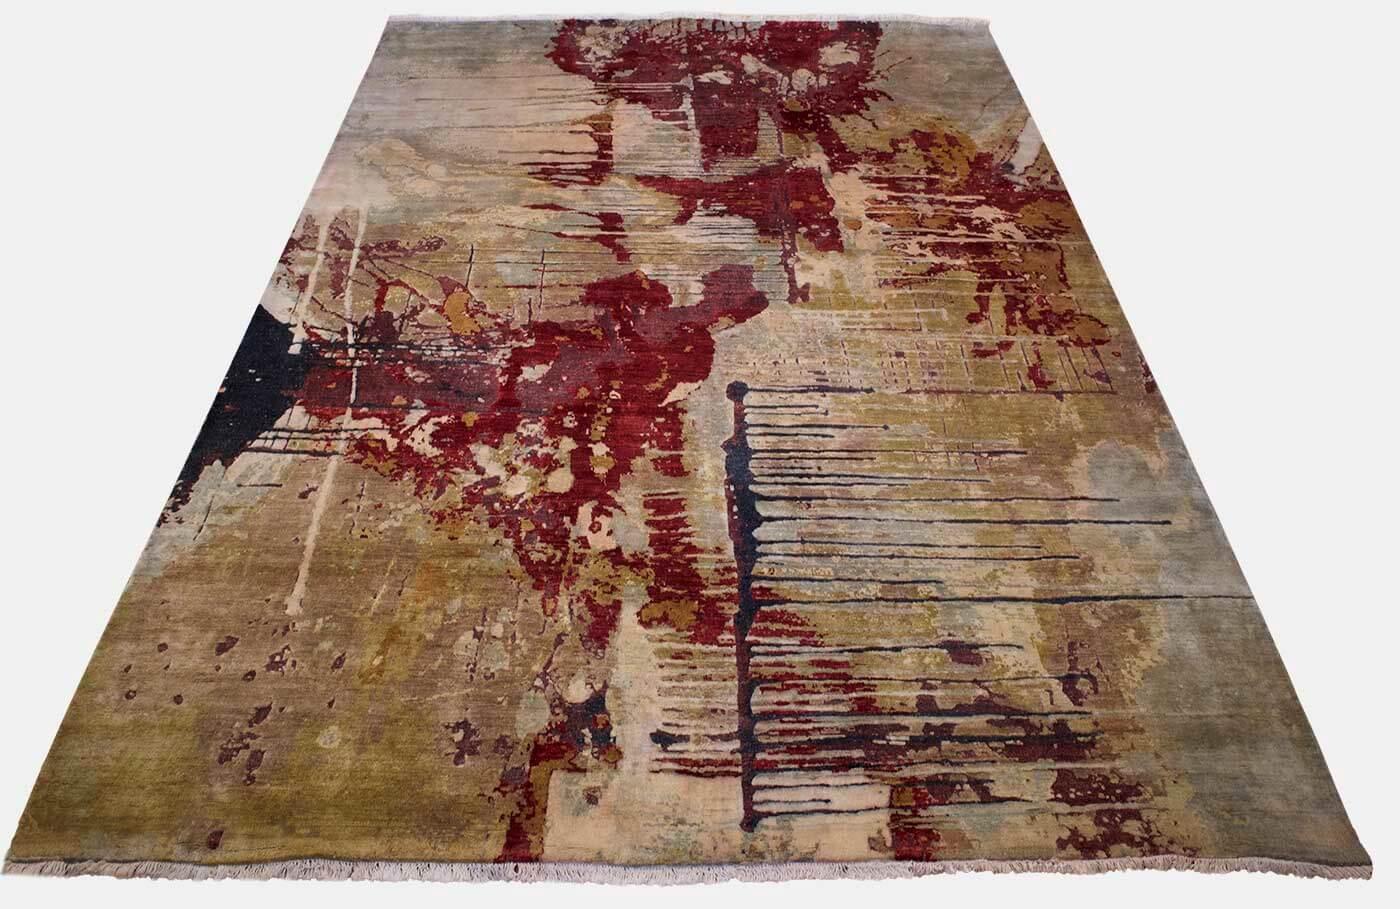 chelsea_design_oxidised_tapijt_moderne_tapijten_koreman_maastricht_310x241_multi-persp